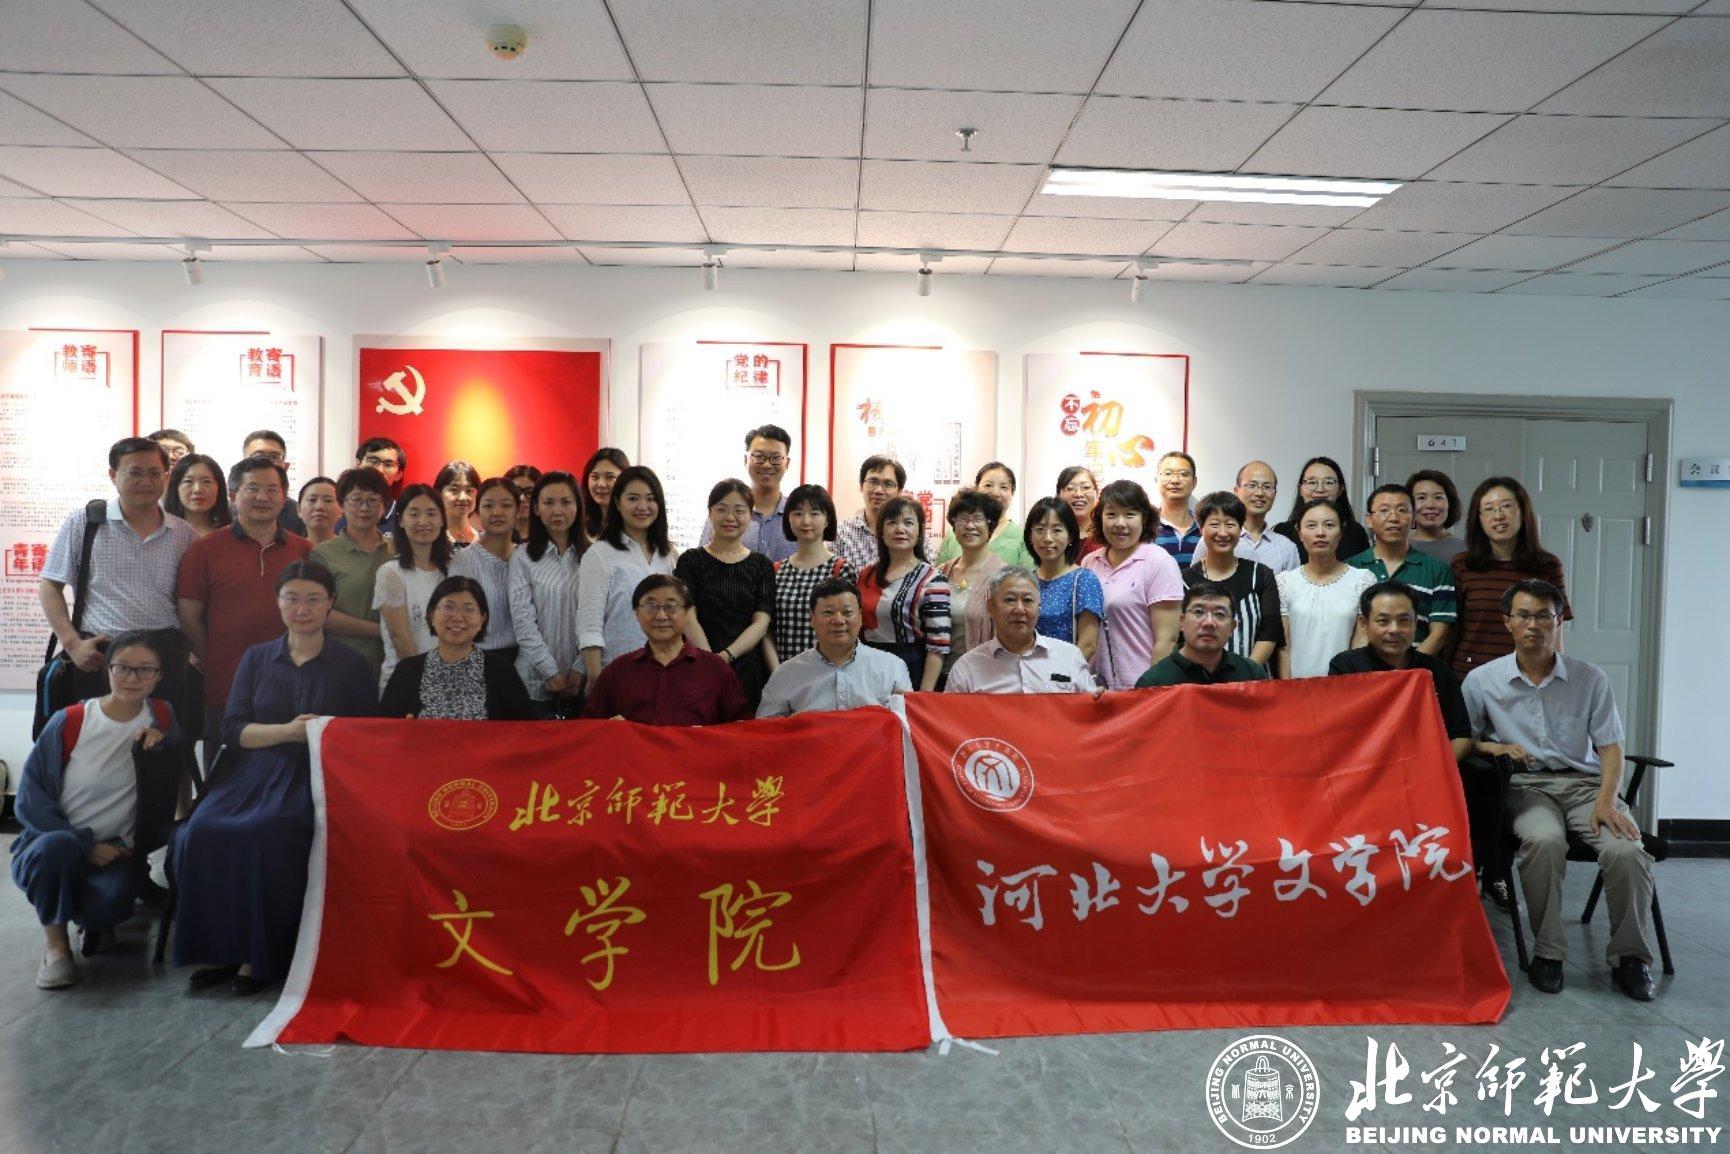 北师大文学院教师团队赴河北大学文学院进行对口支援与帮扶